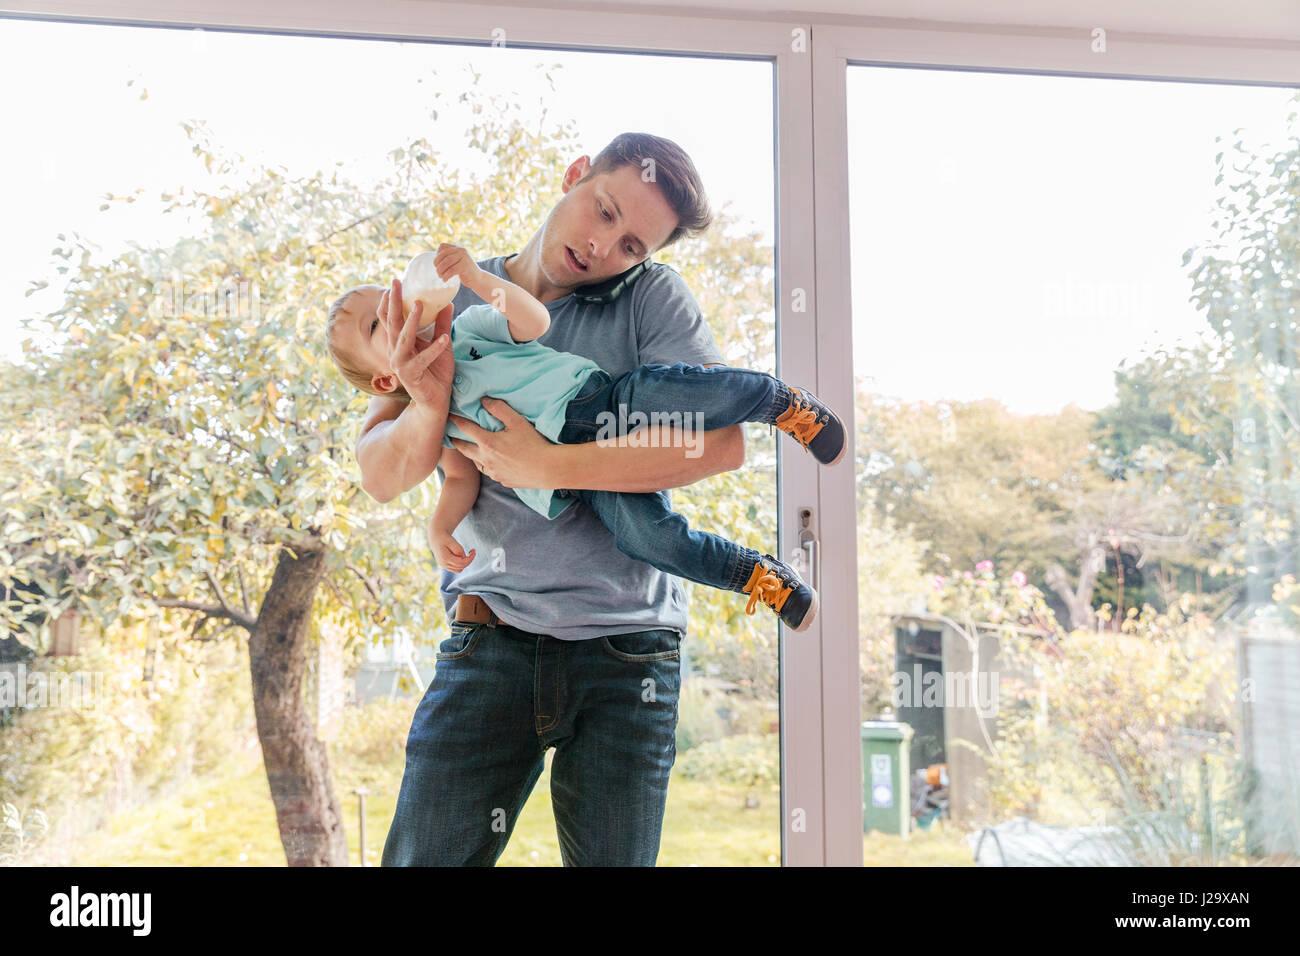 Padre tenga un hijo pequeño mientras el teléfono en casa, por la ventana Imagen De Stock